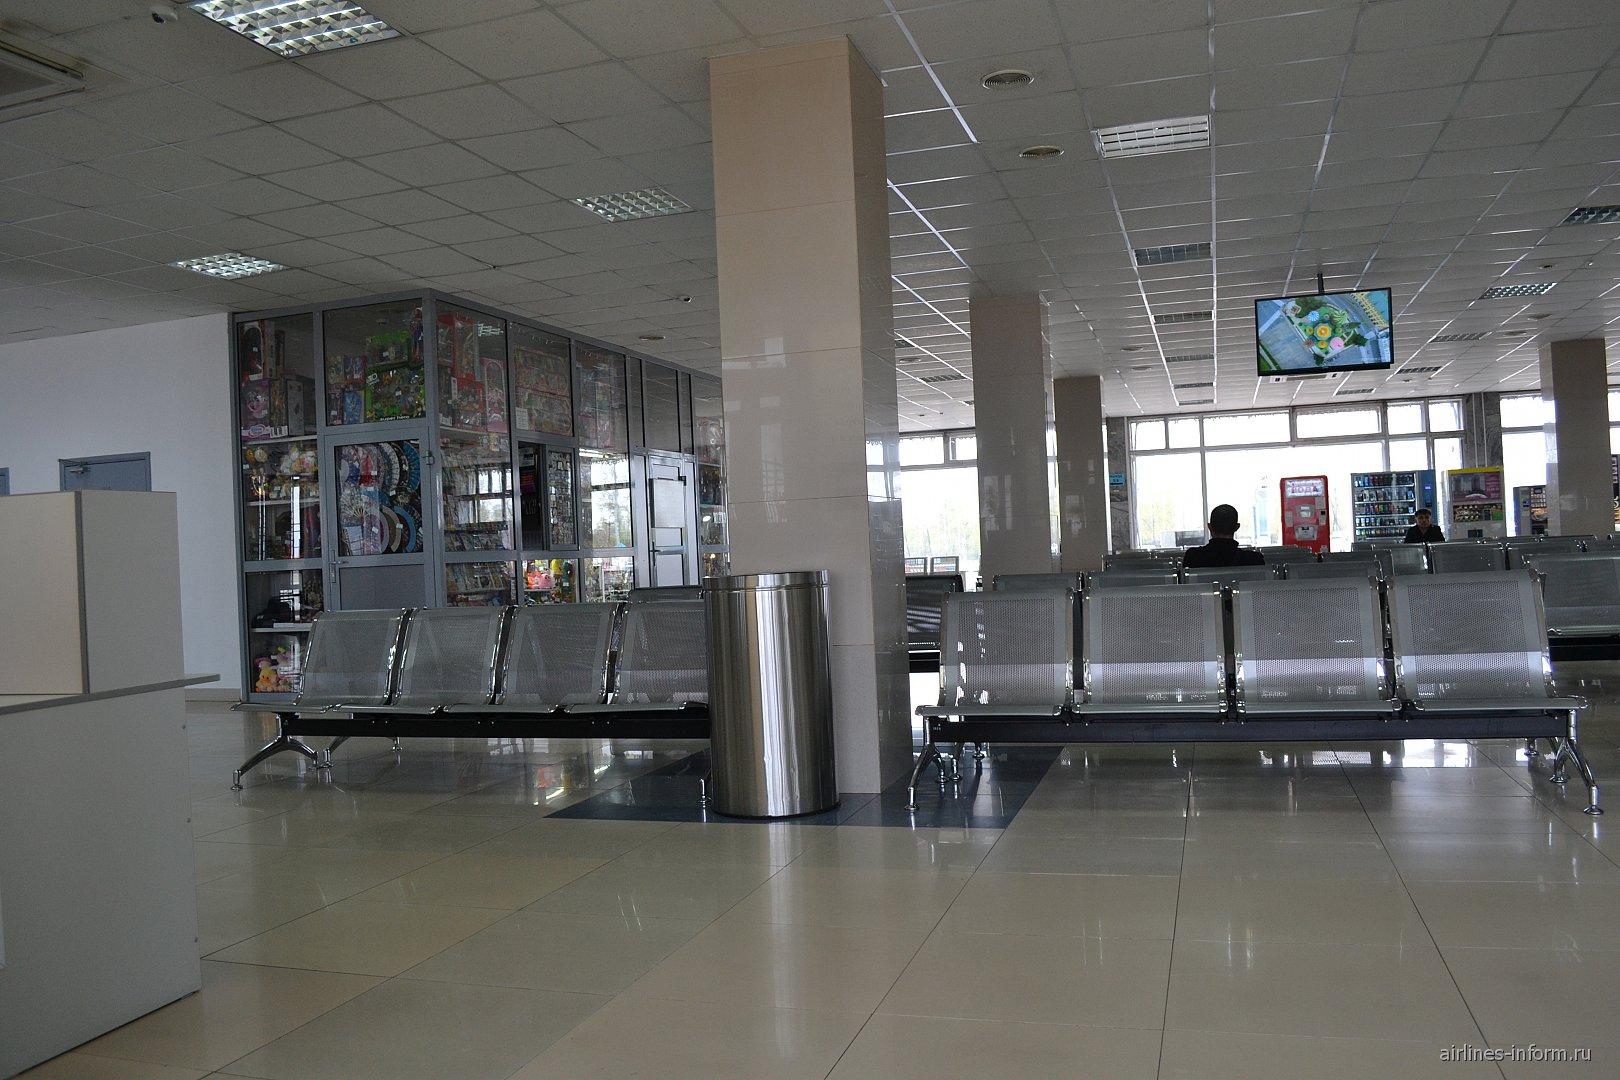 Зал ожидания в транзитной зоне аэропорта Хабаровск Новый